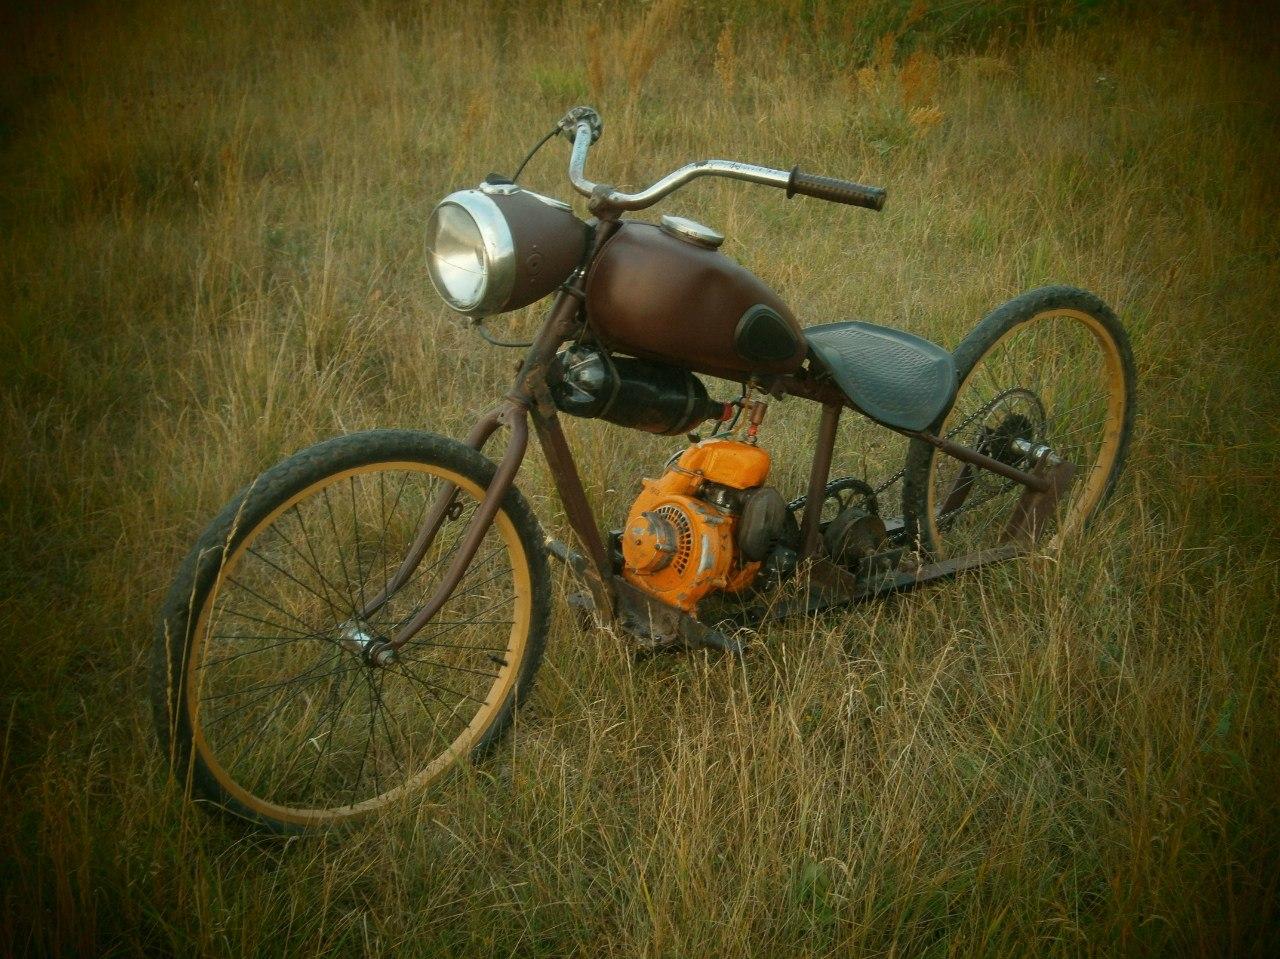 Как сделать велосипед с мотором своими руками: самодельный 78